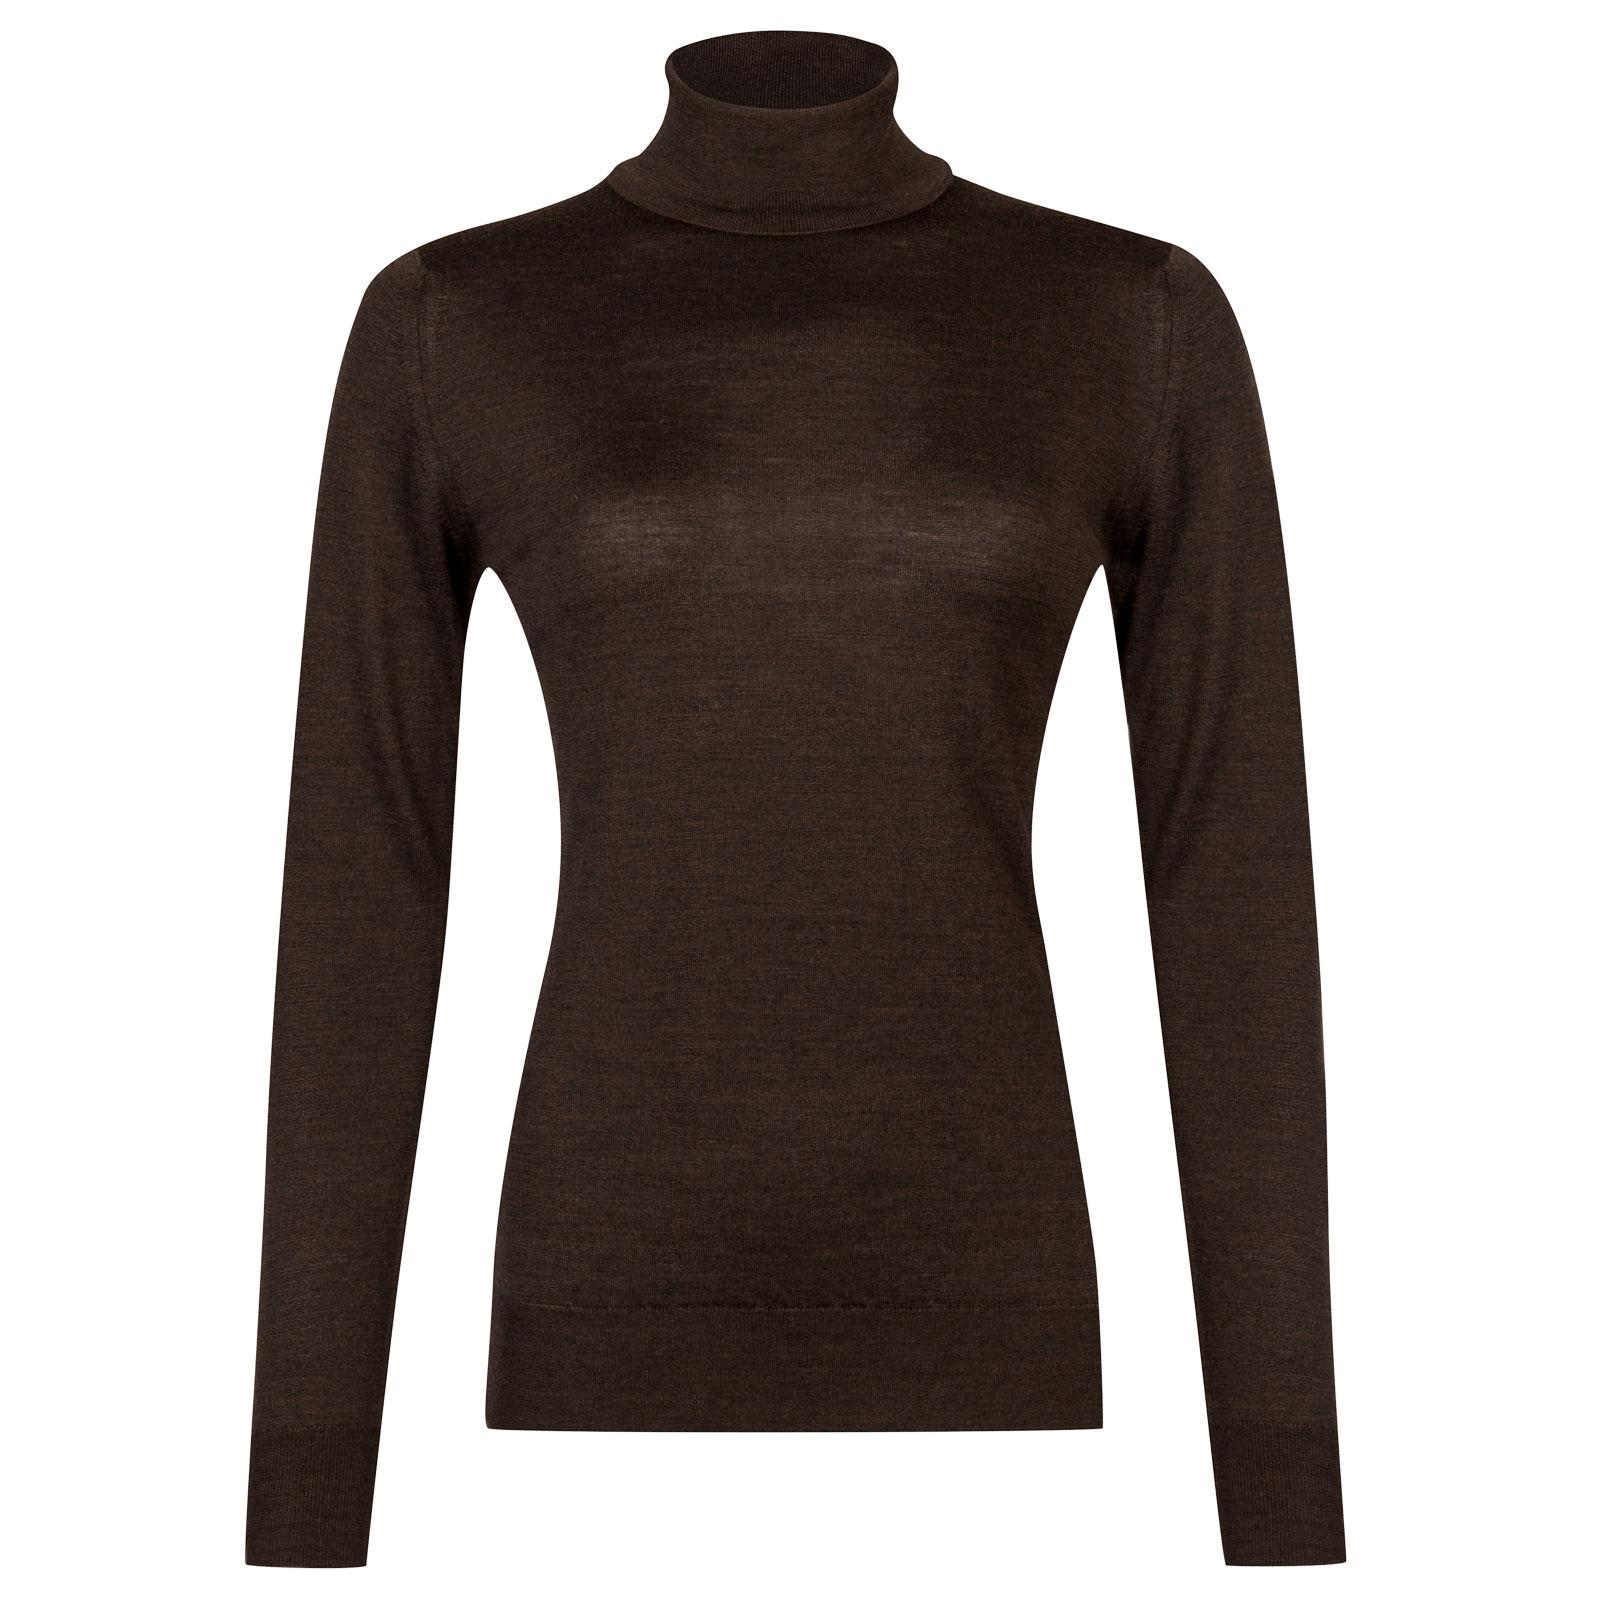 John Smedley Catkin Merino Wool Sweater in Chestnut-M